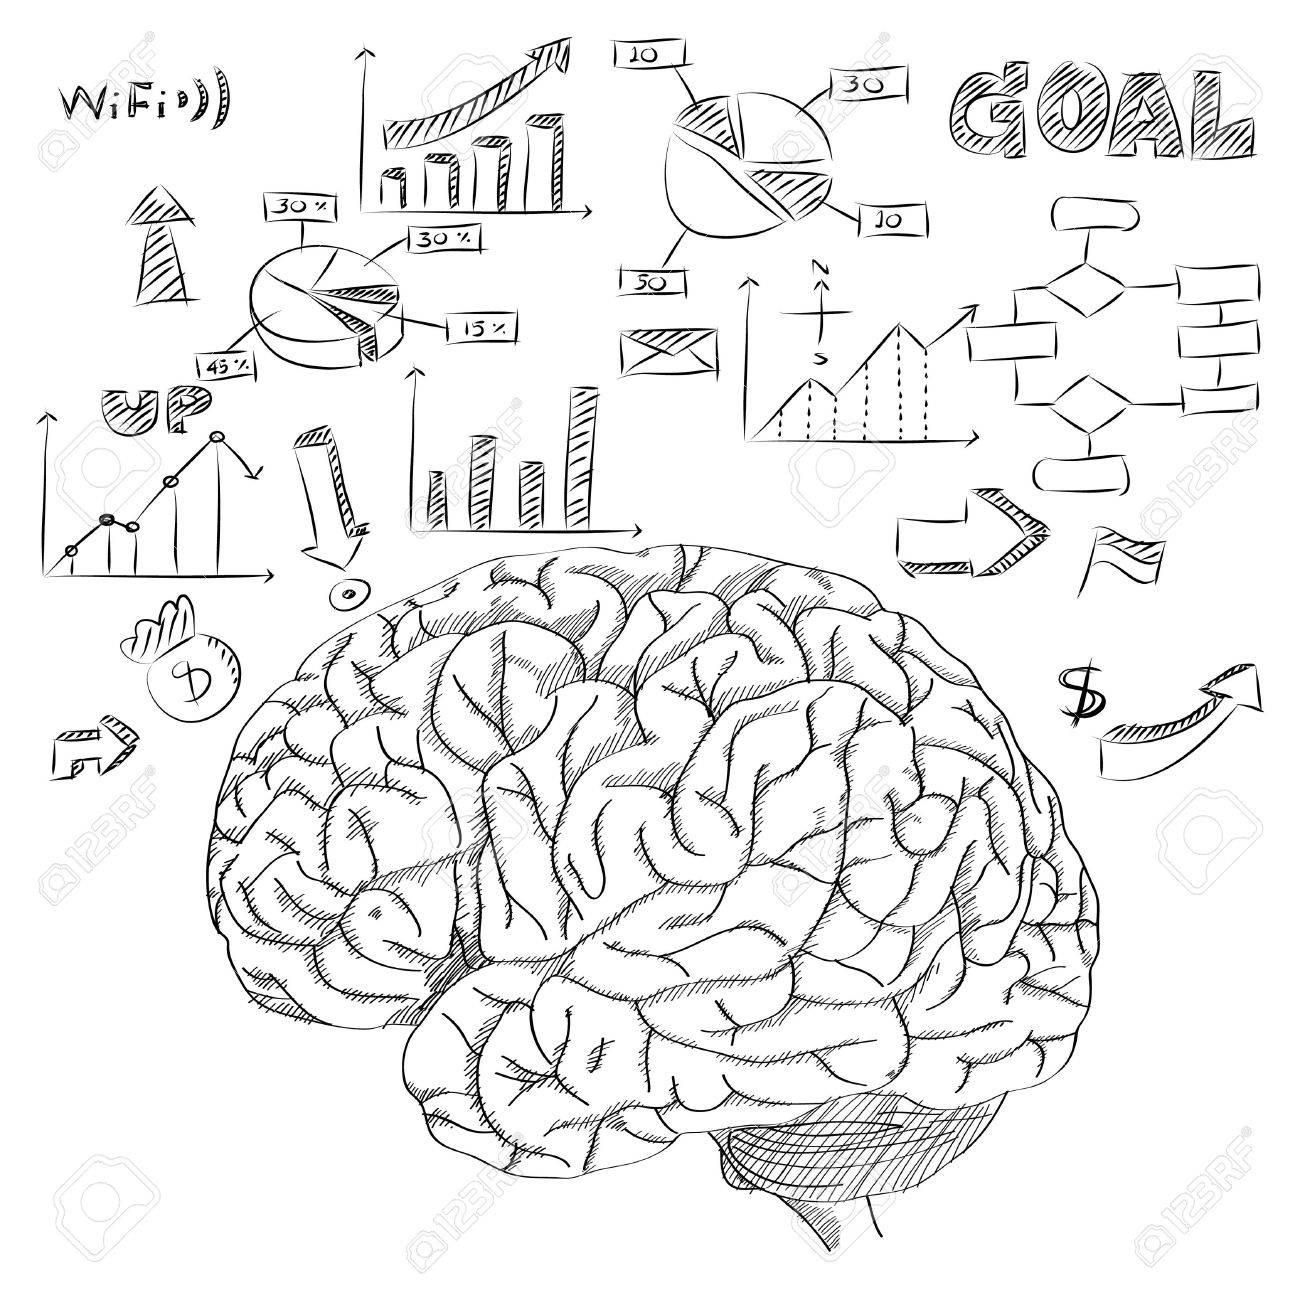 Cerebro Humano Con Diagrama De Infografía De Negocios Y Tecnología ...